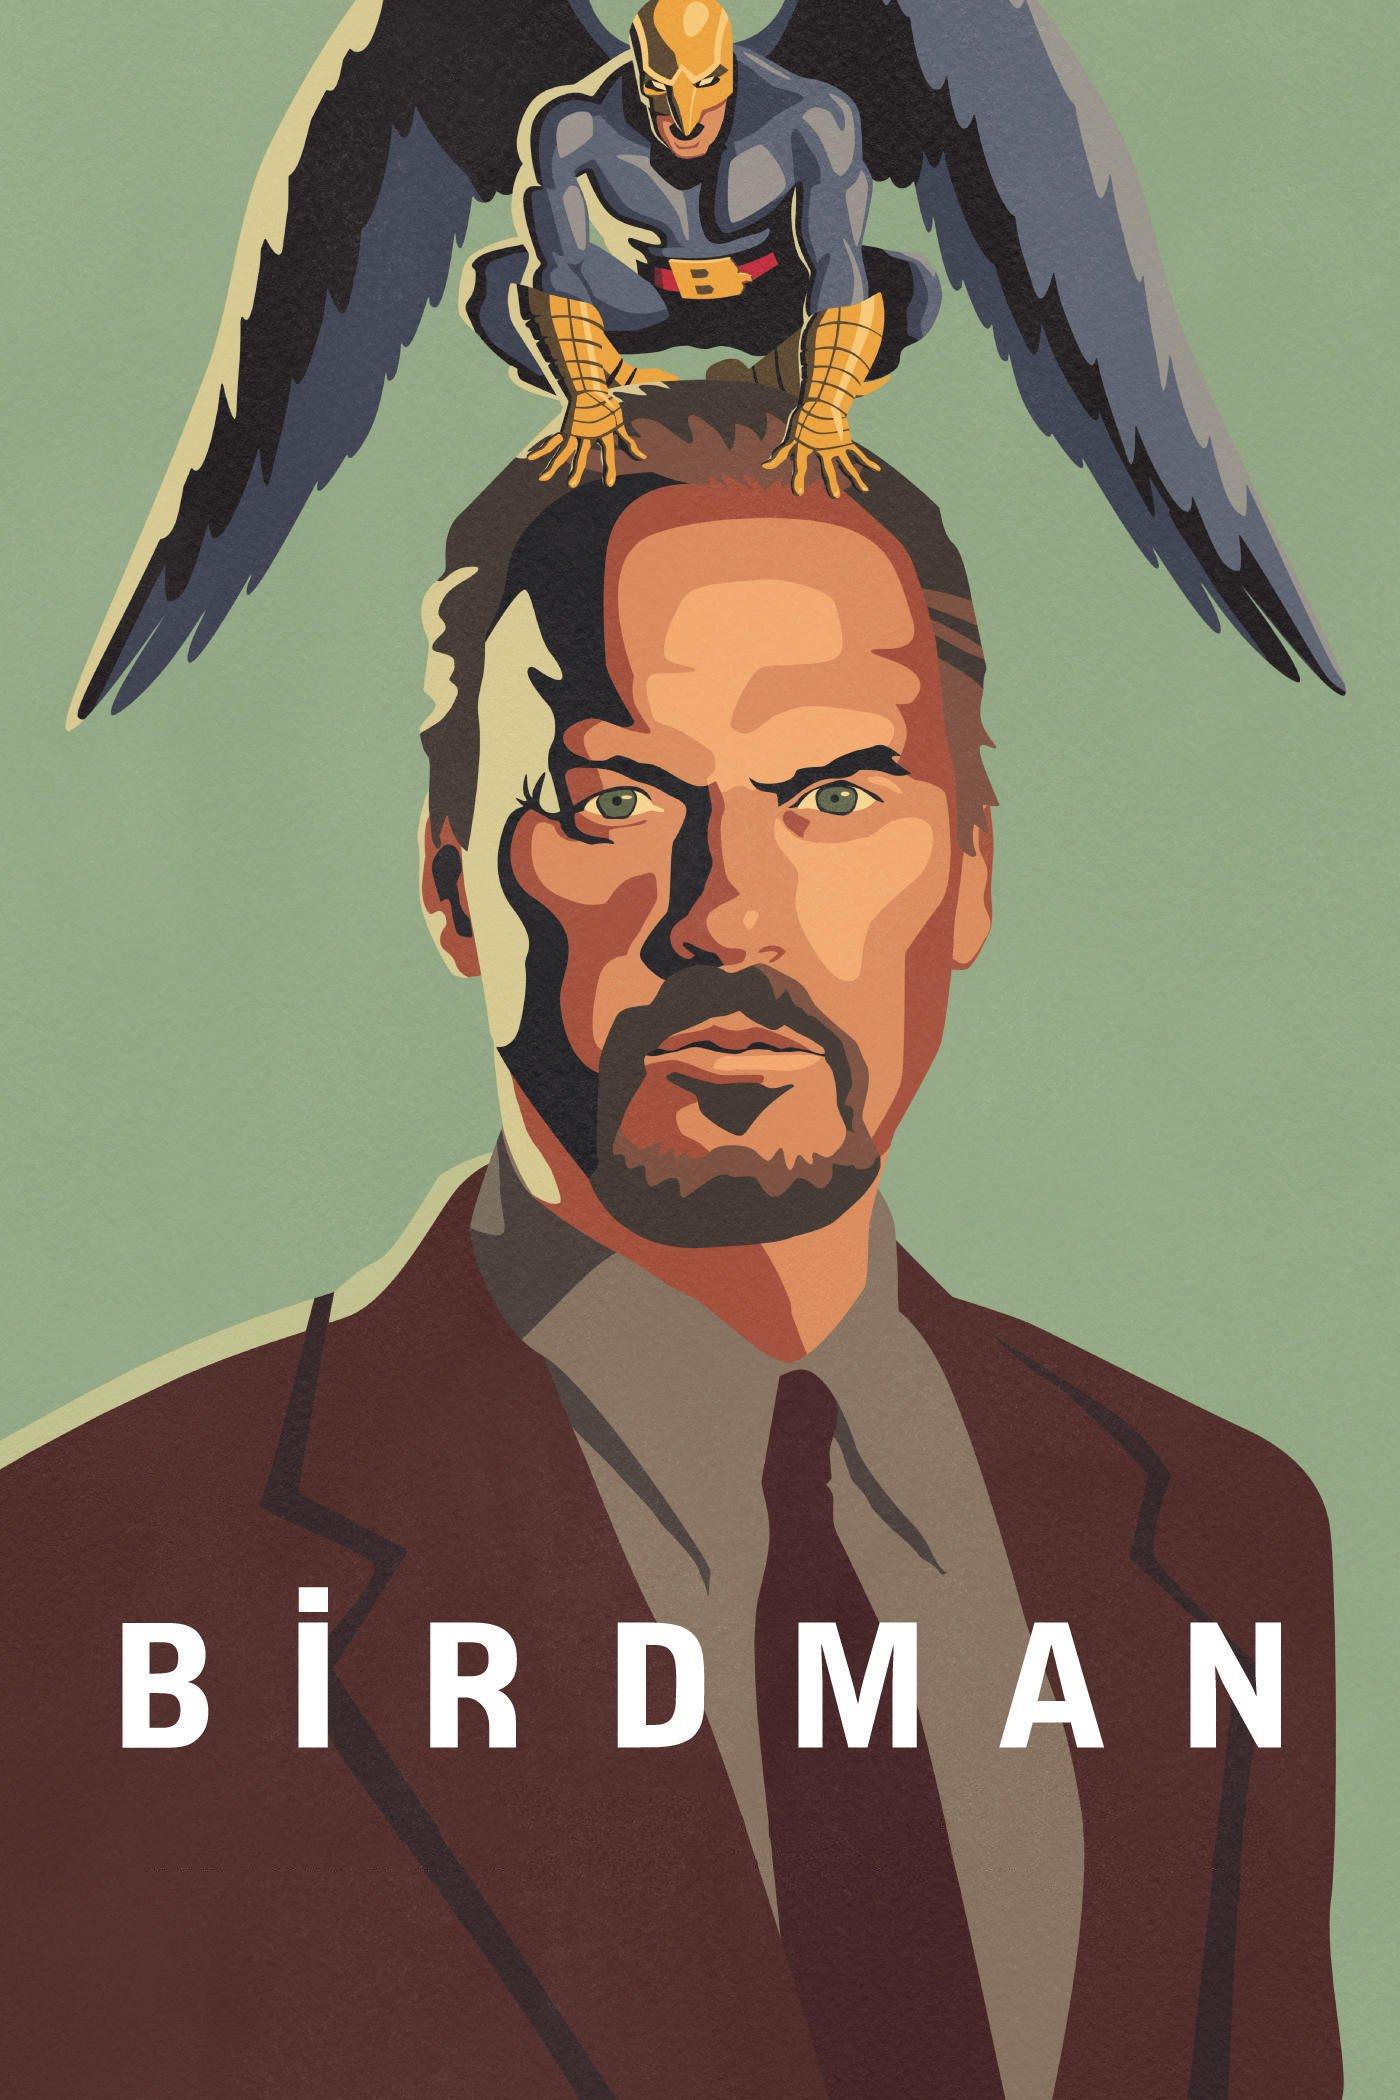 Poster for Birdman